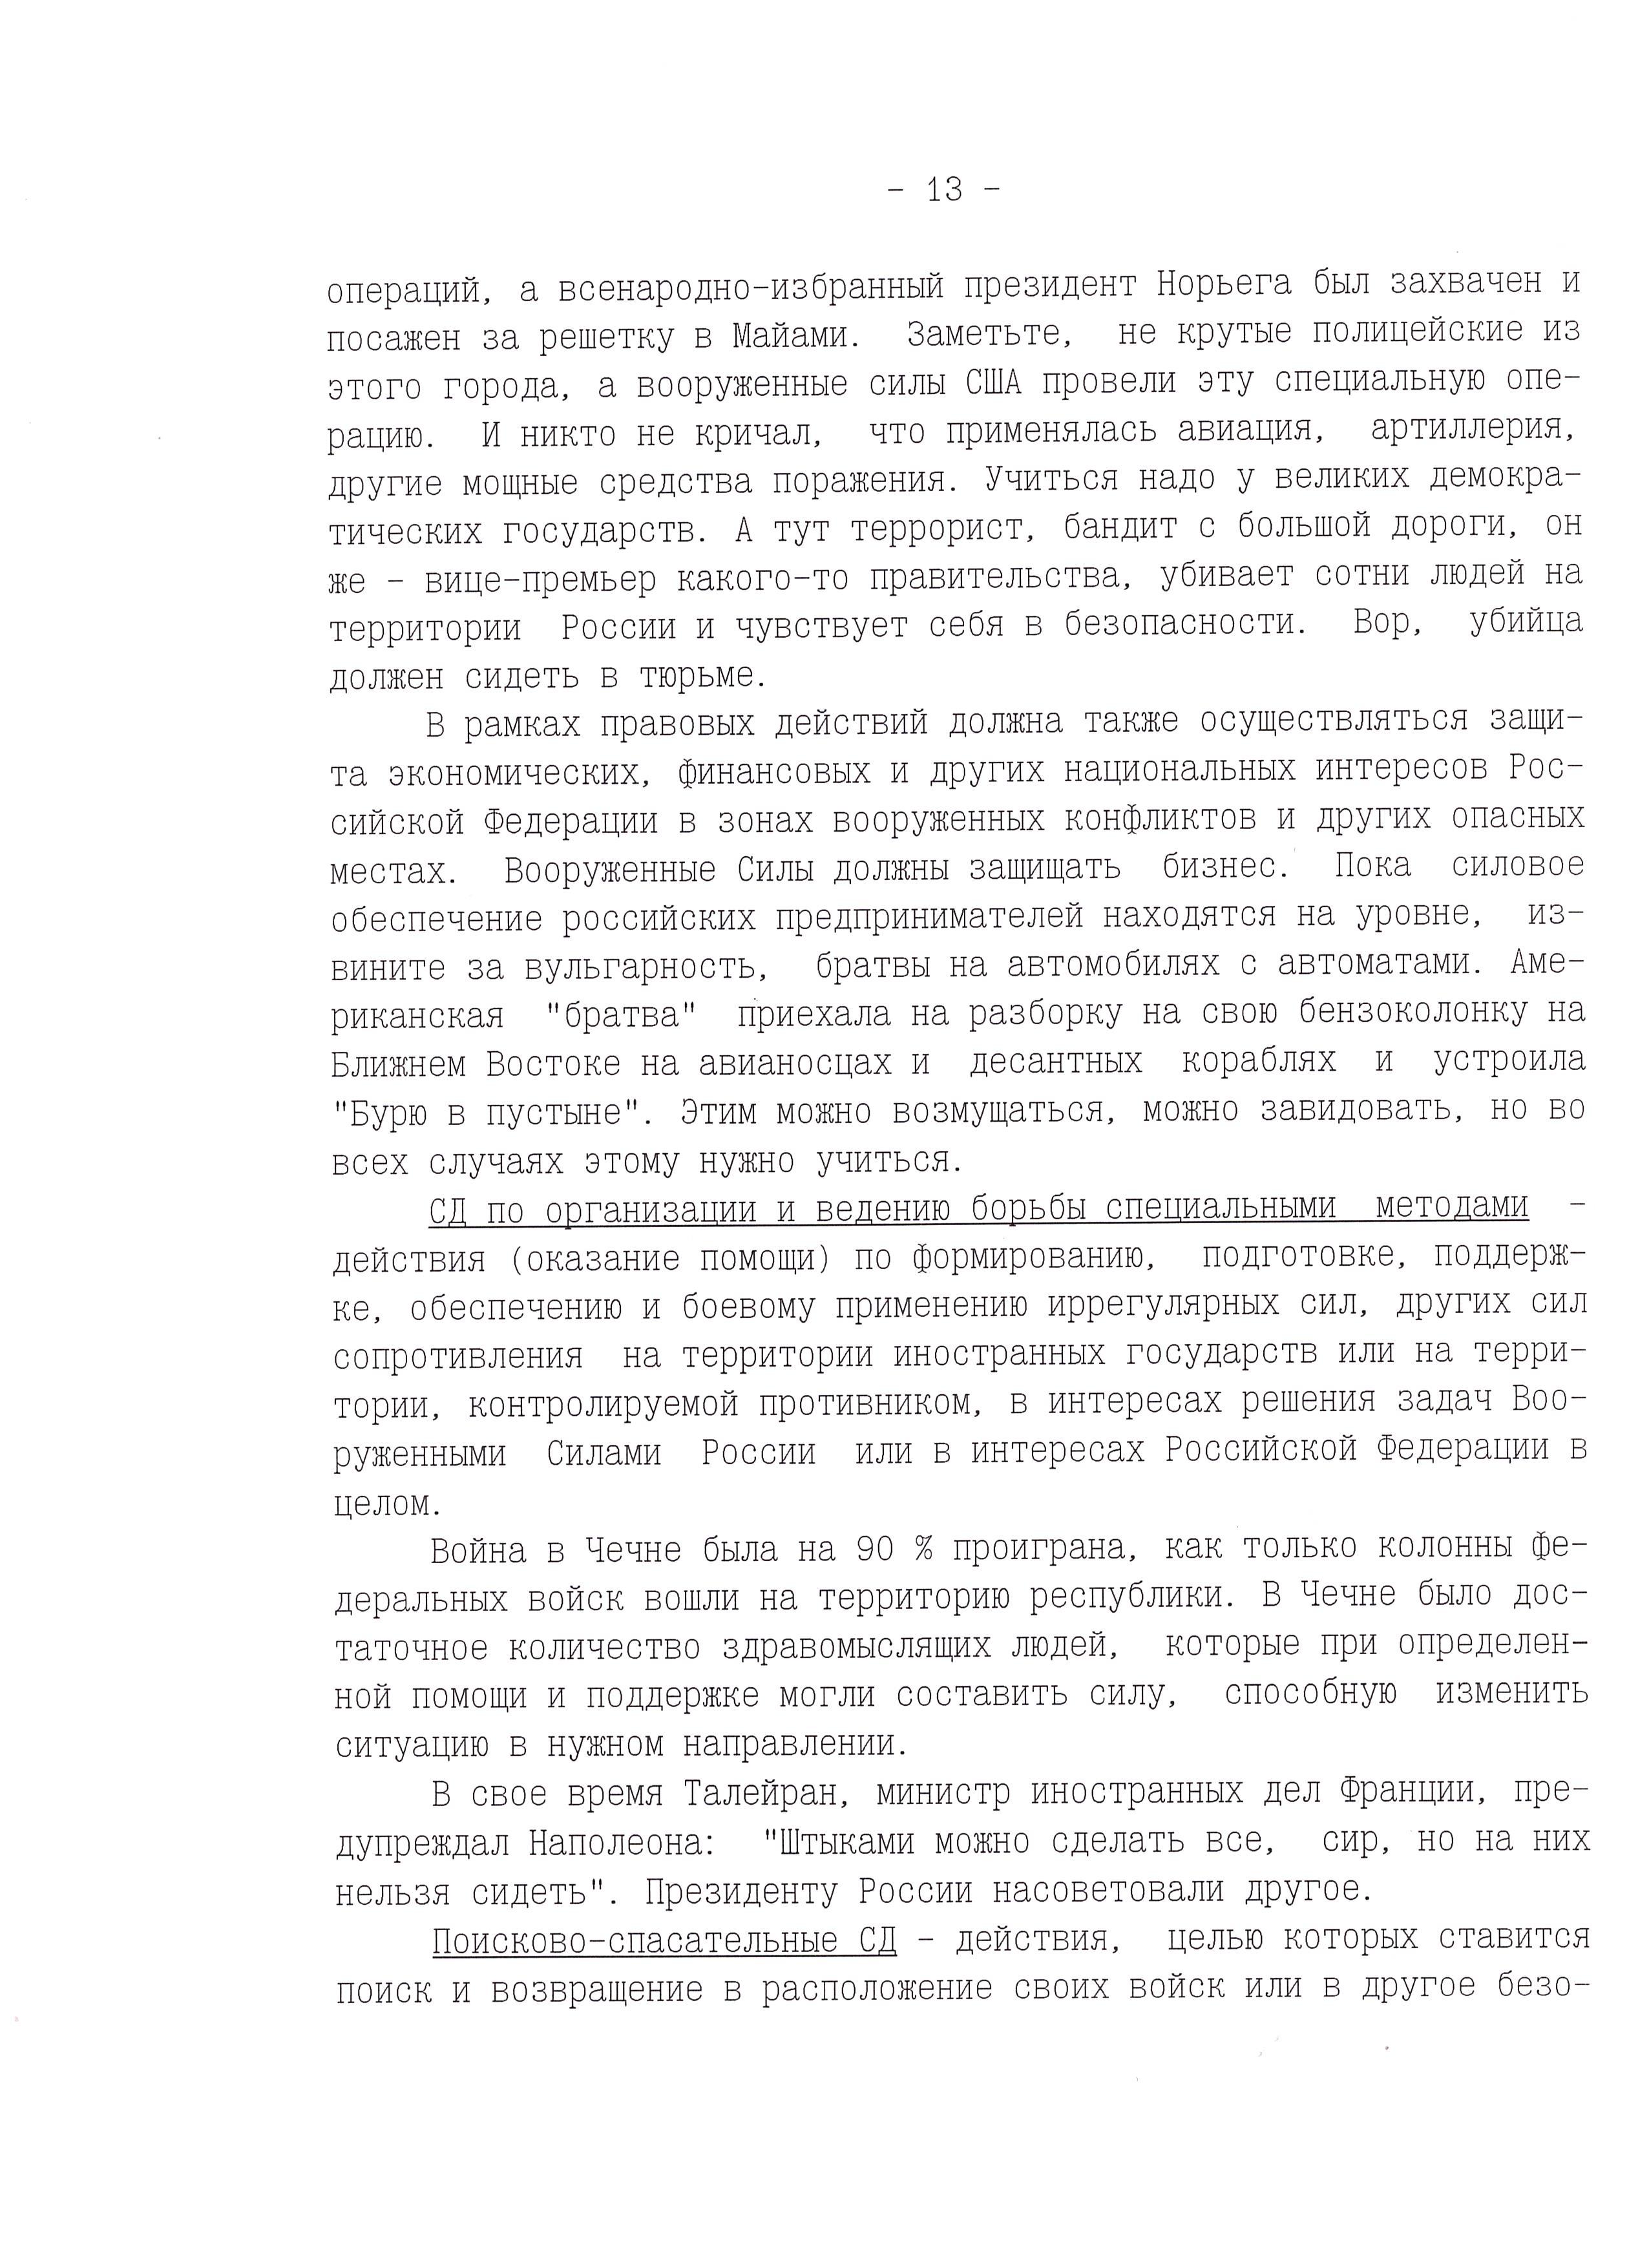 Доклад013